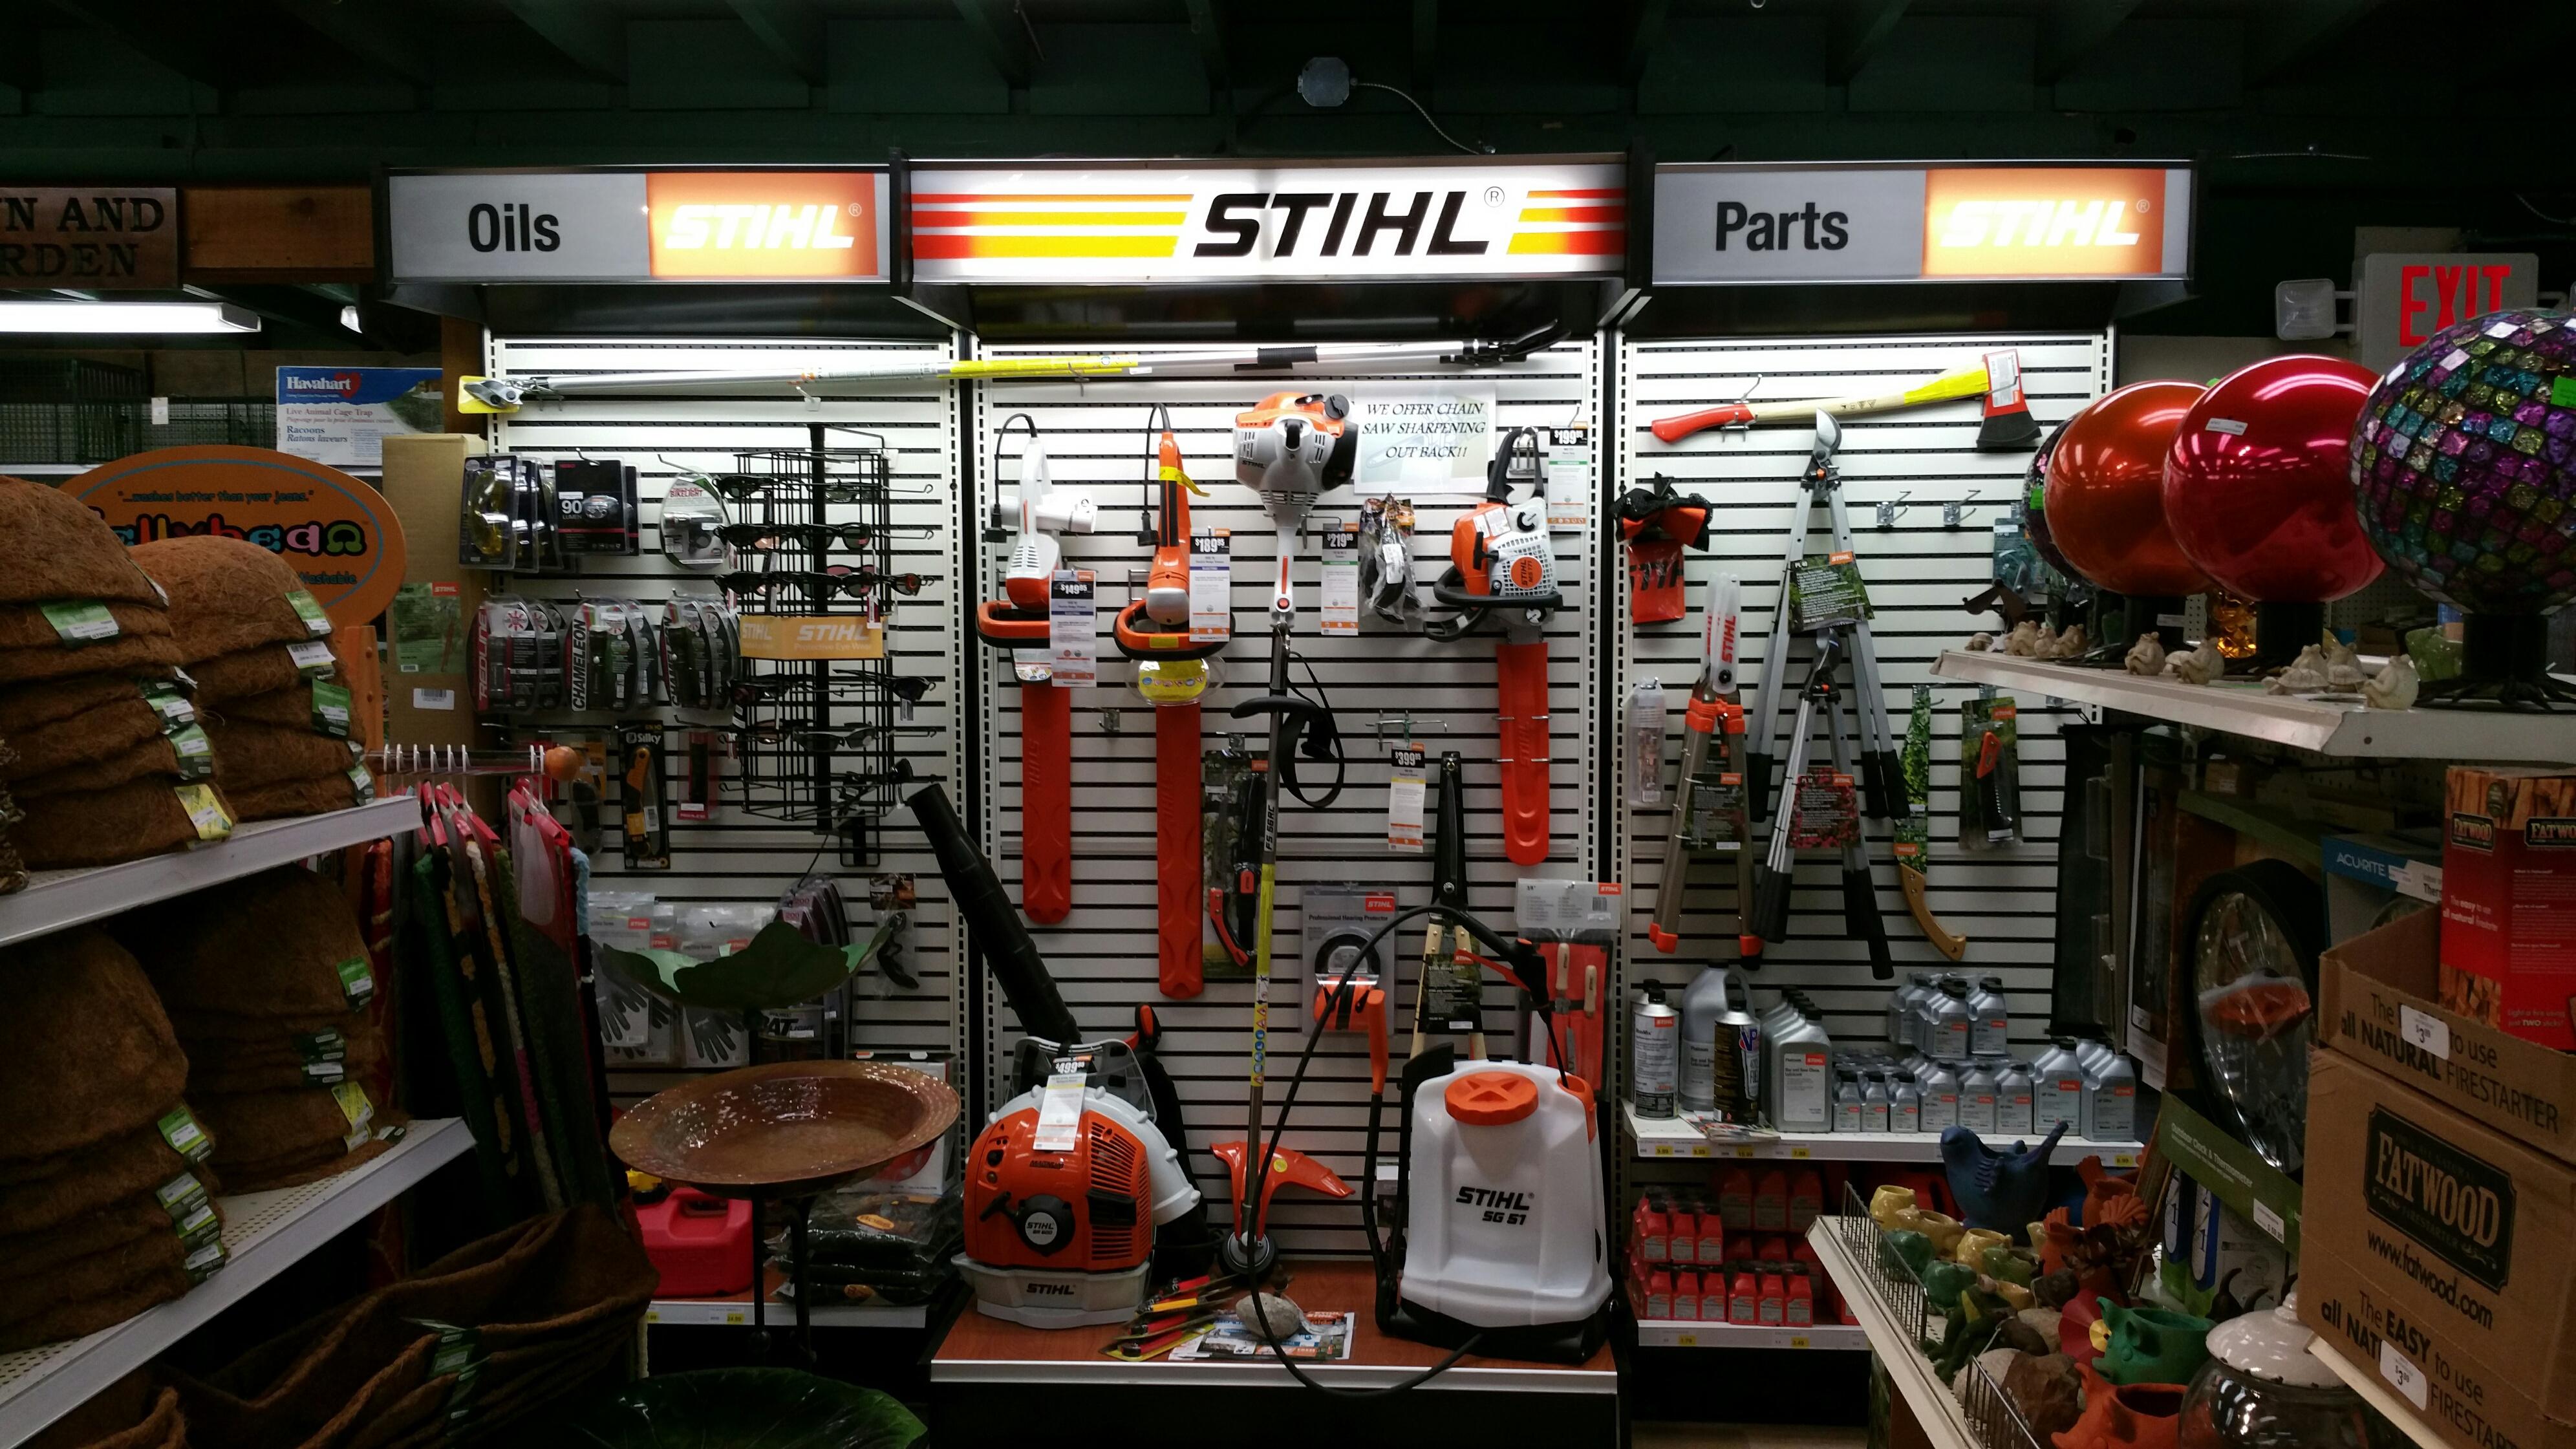 Chagrin Pet, Garden, & Power Equipment